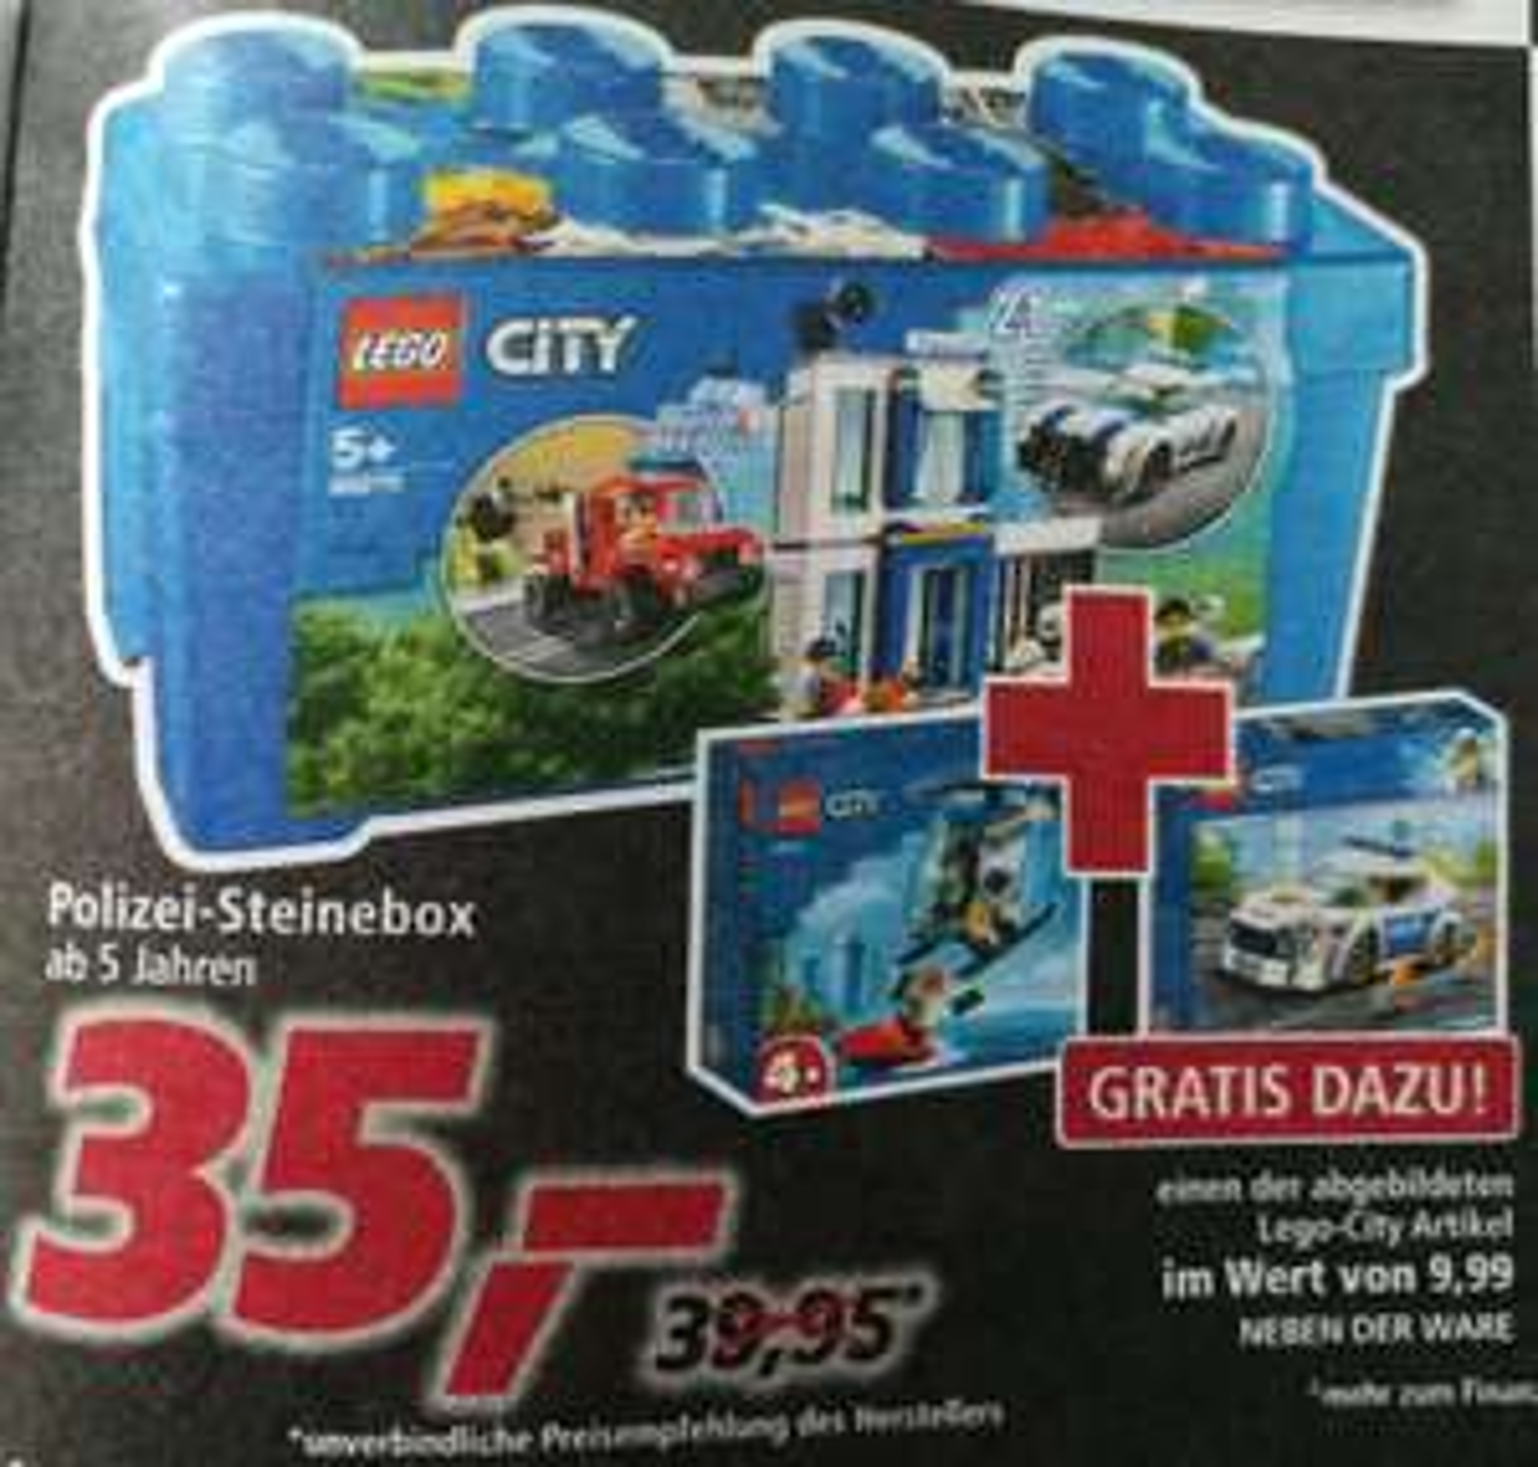 [real-Markt] LEGO Polizei Steinebox 60270 + Zugaben